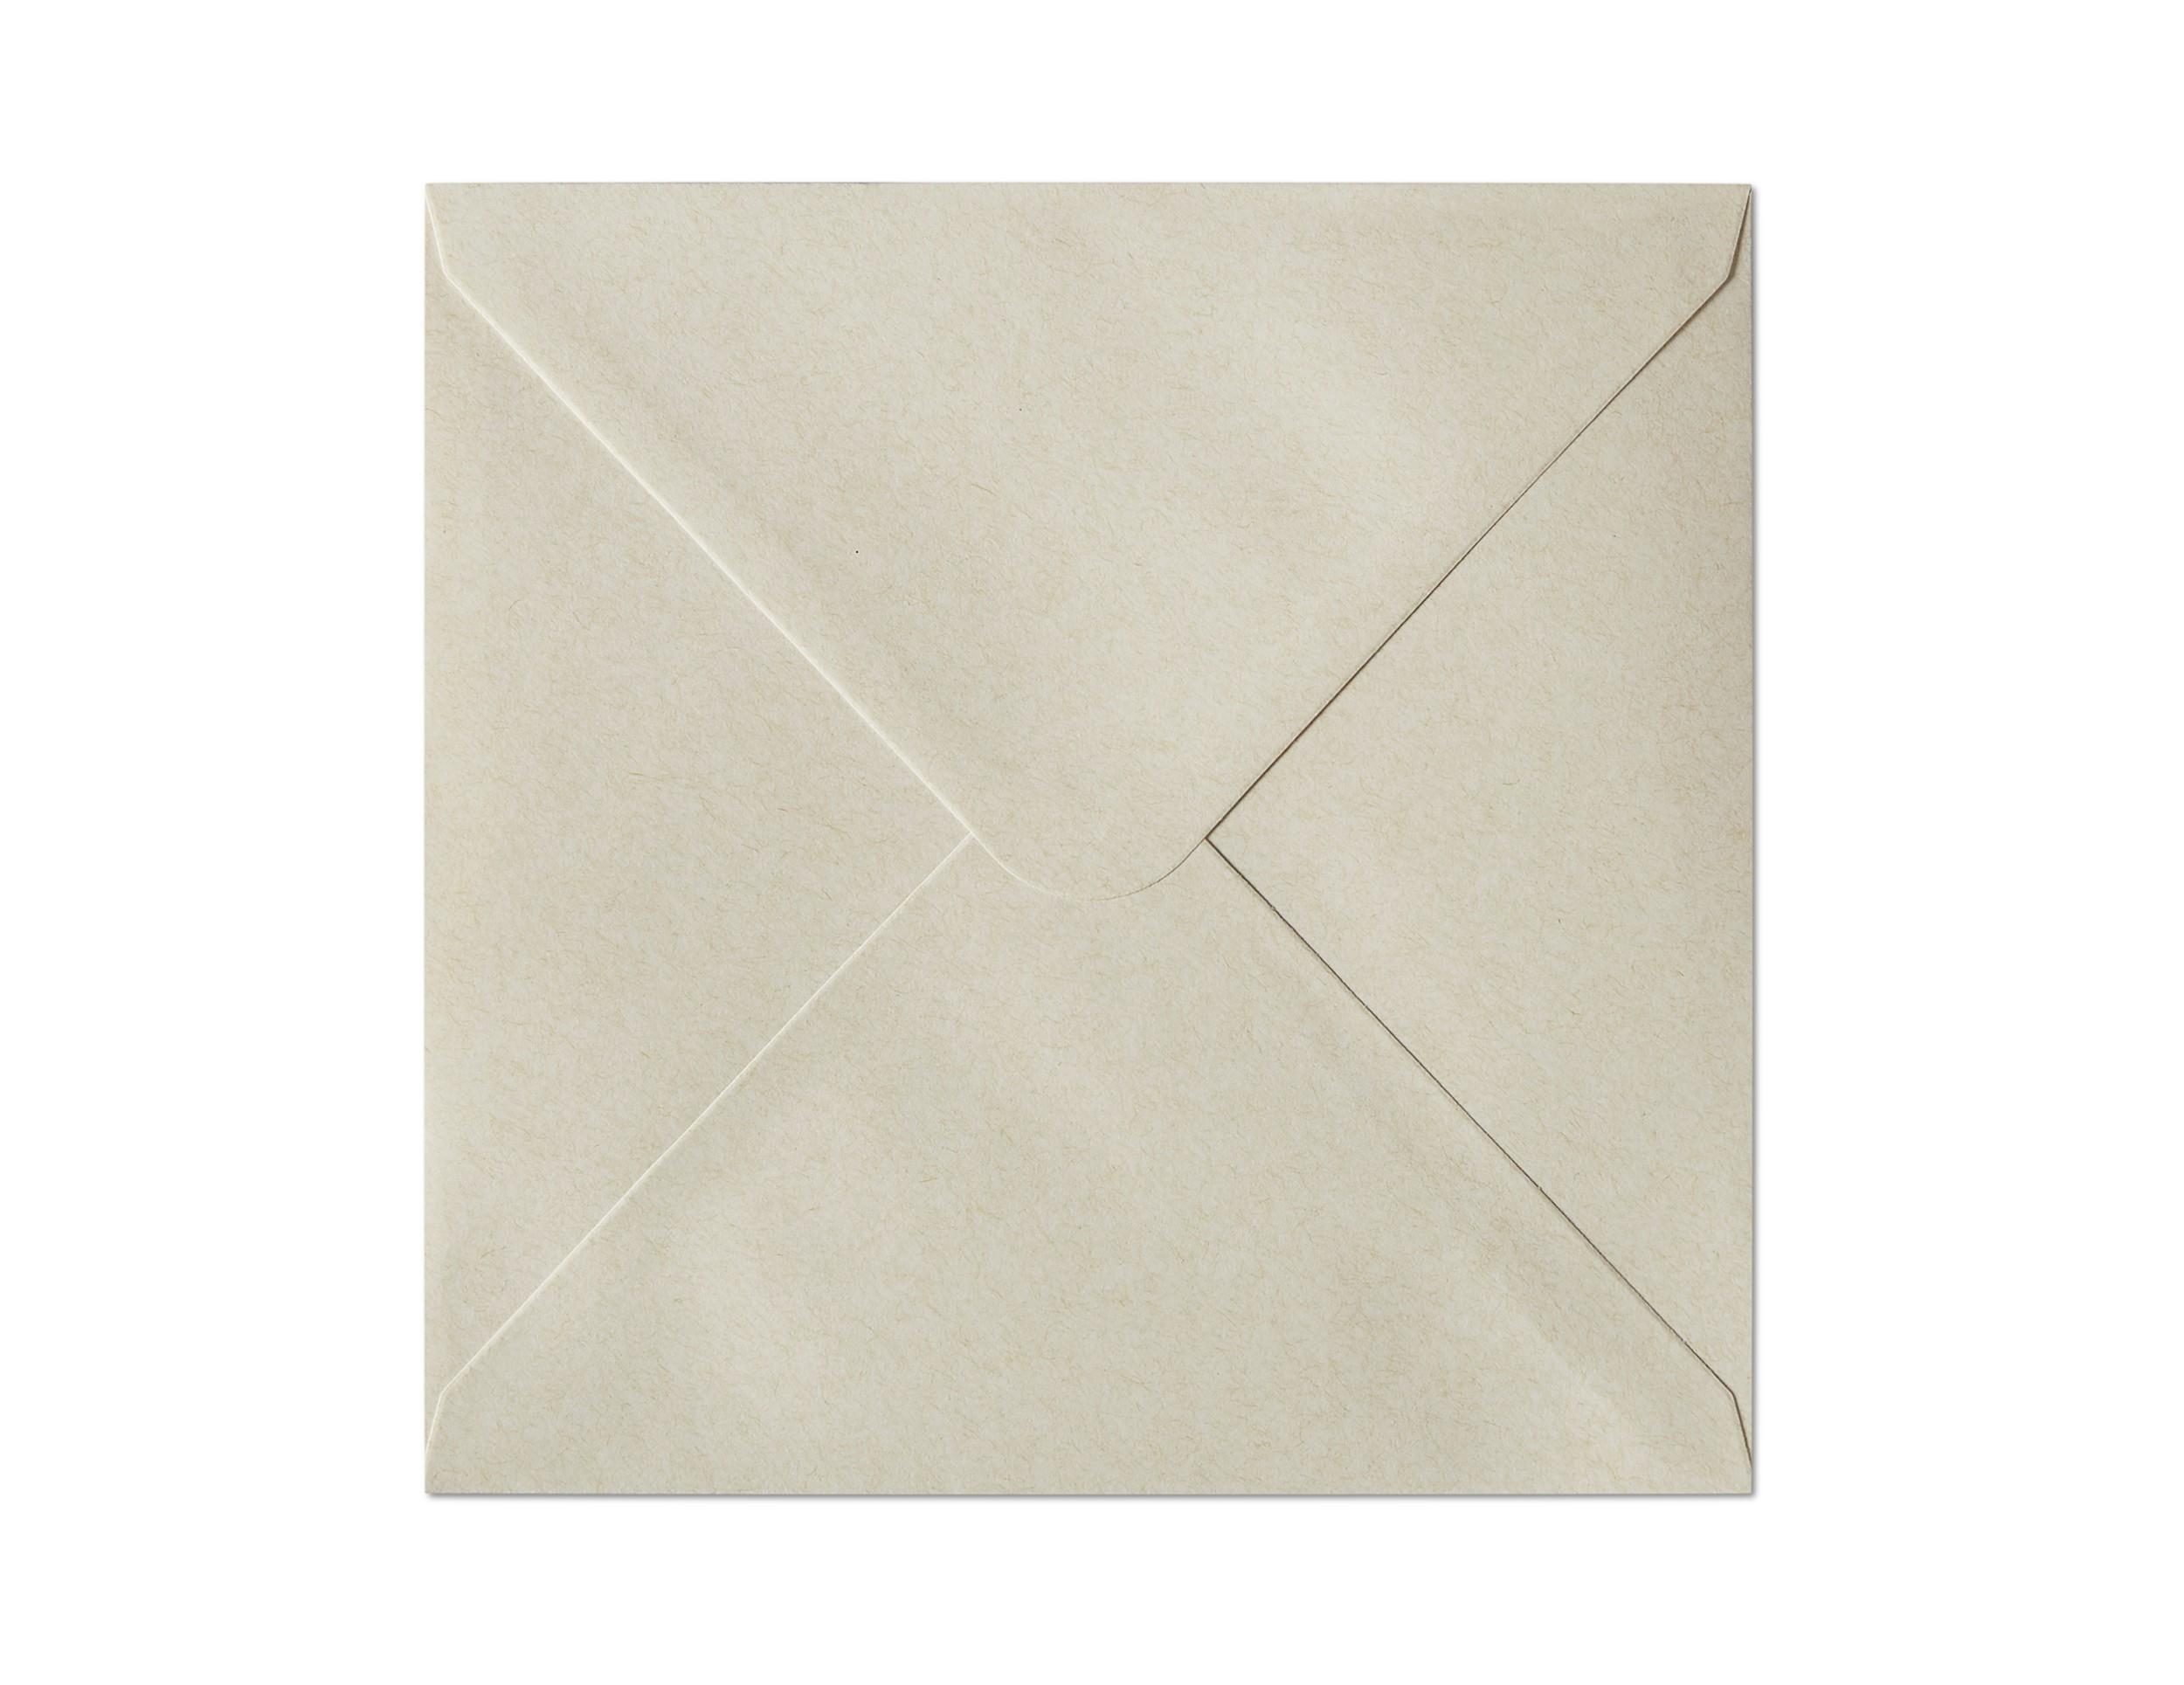 Galeria Papieru obálky 160 Nature světlé béžová 120g, 10ks